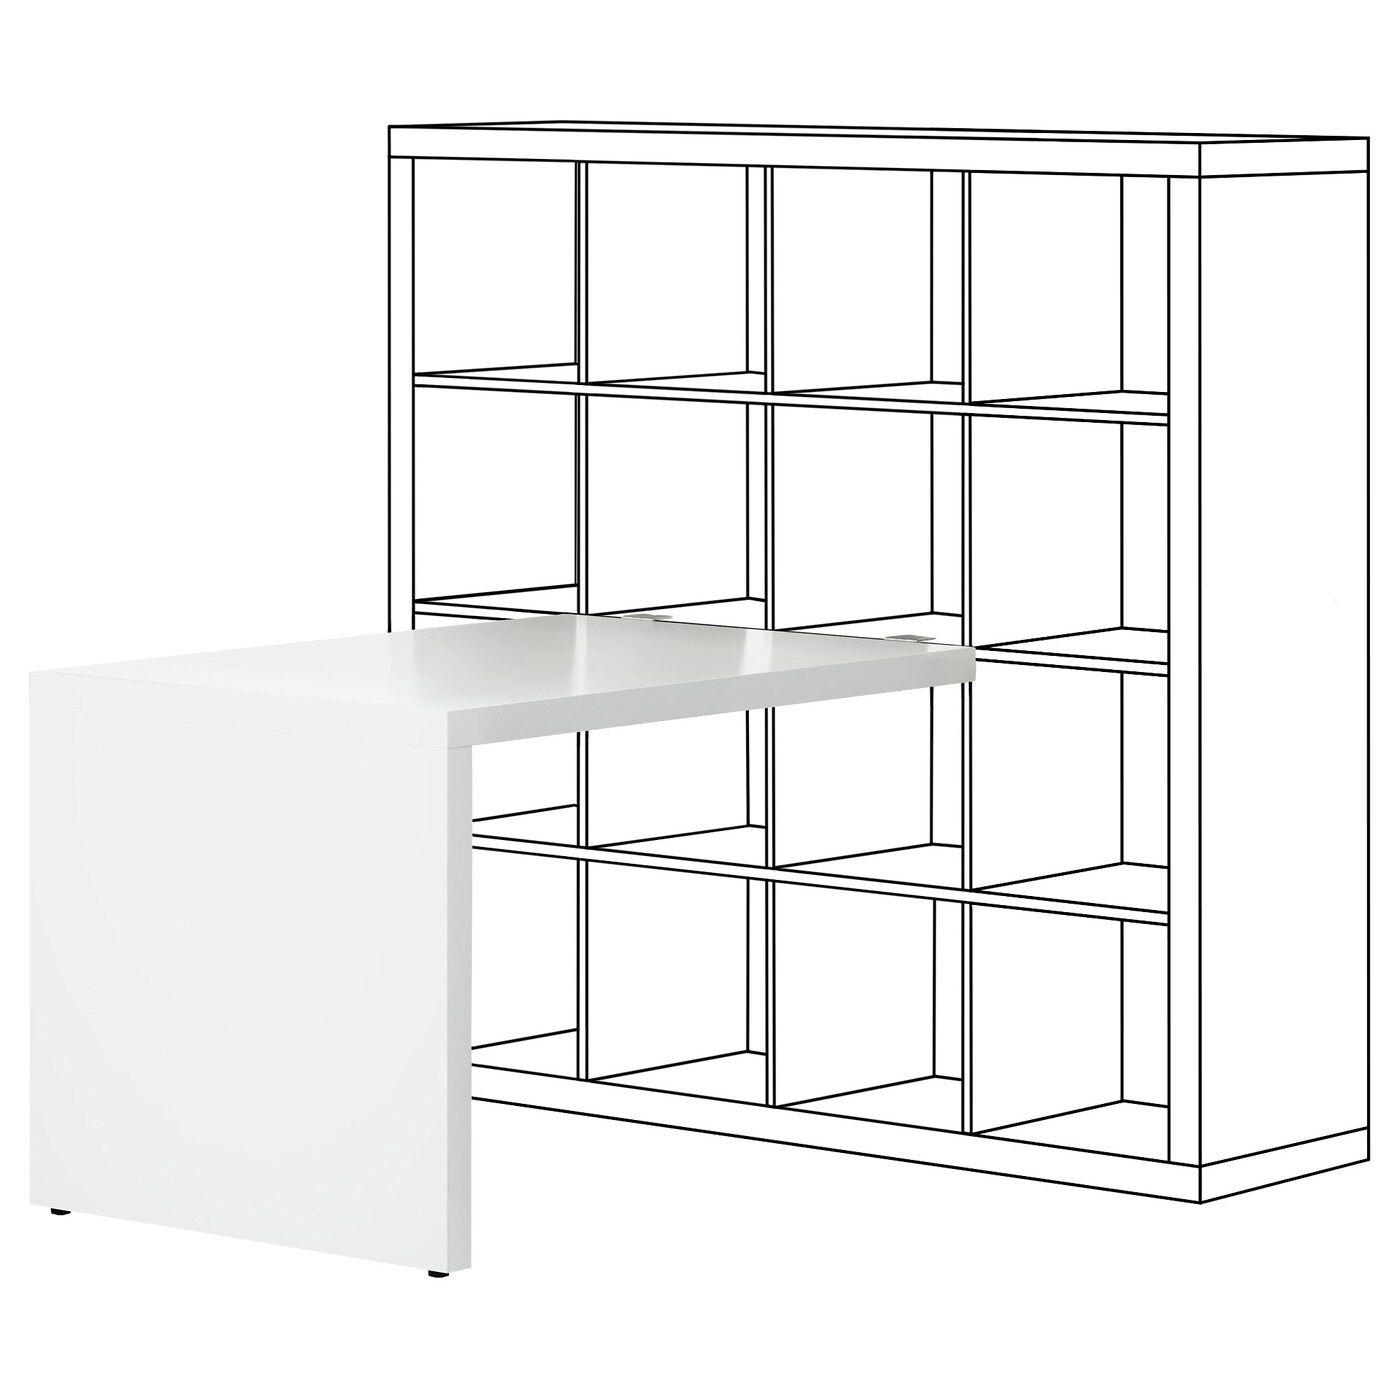 Kallax Schreibtisch Weiss Ikea Deutschland Kallax Schreibtisch Ikea Kallax Schreibtisch Und Ikea Schreibtisch Weiss